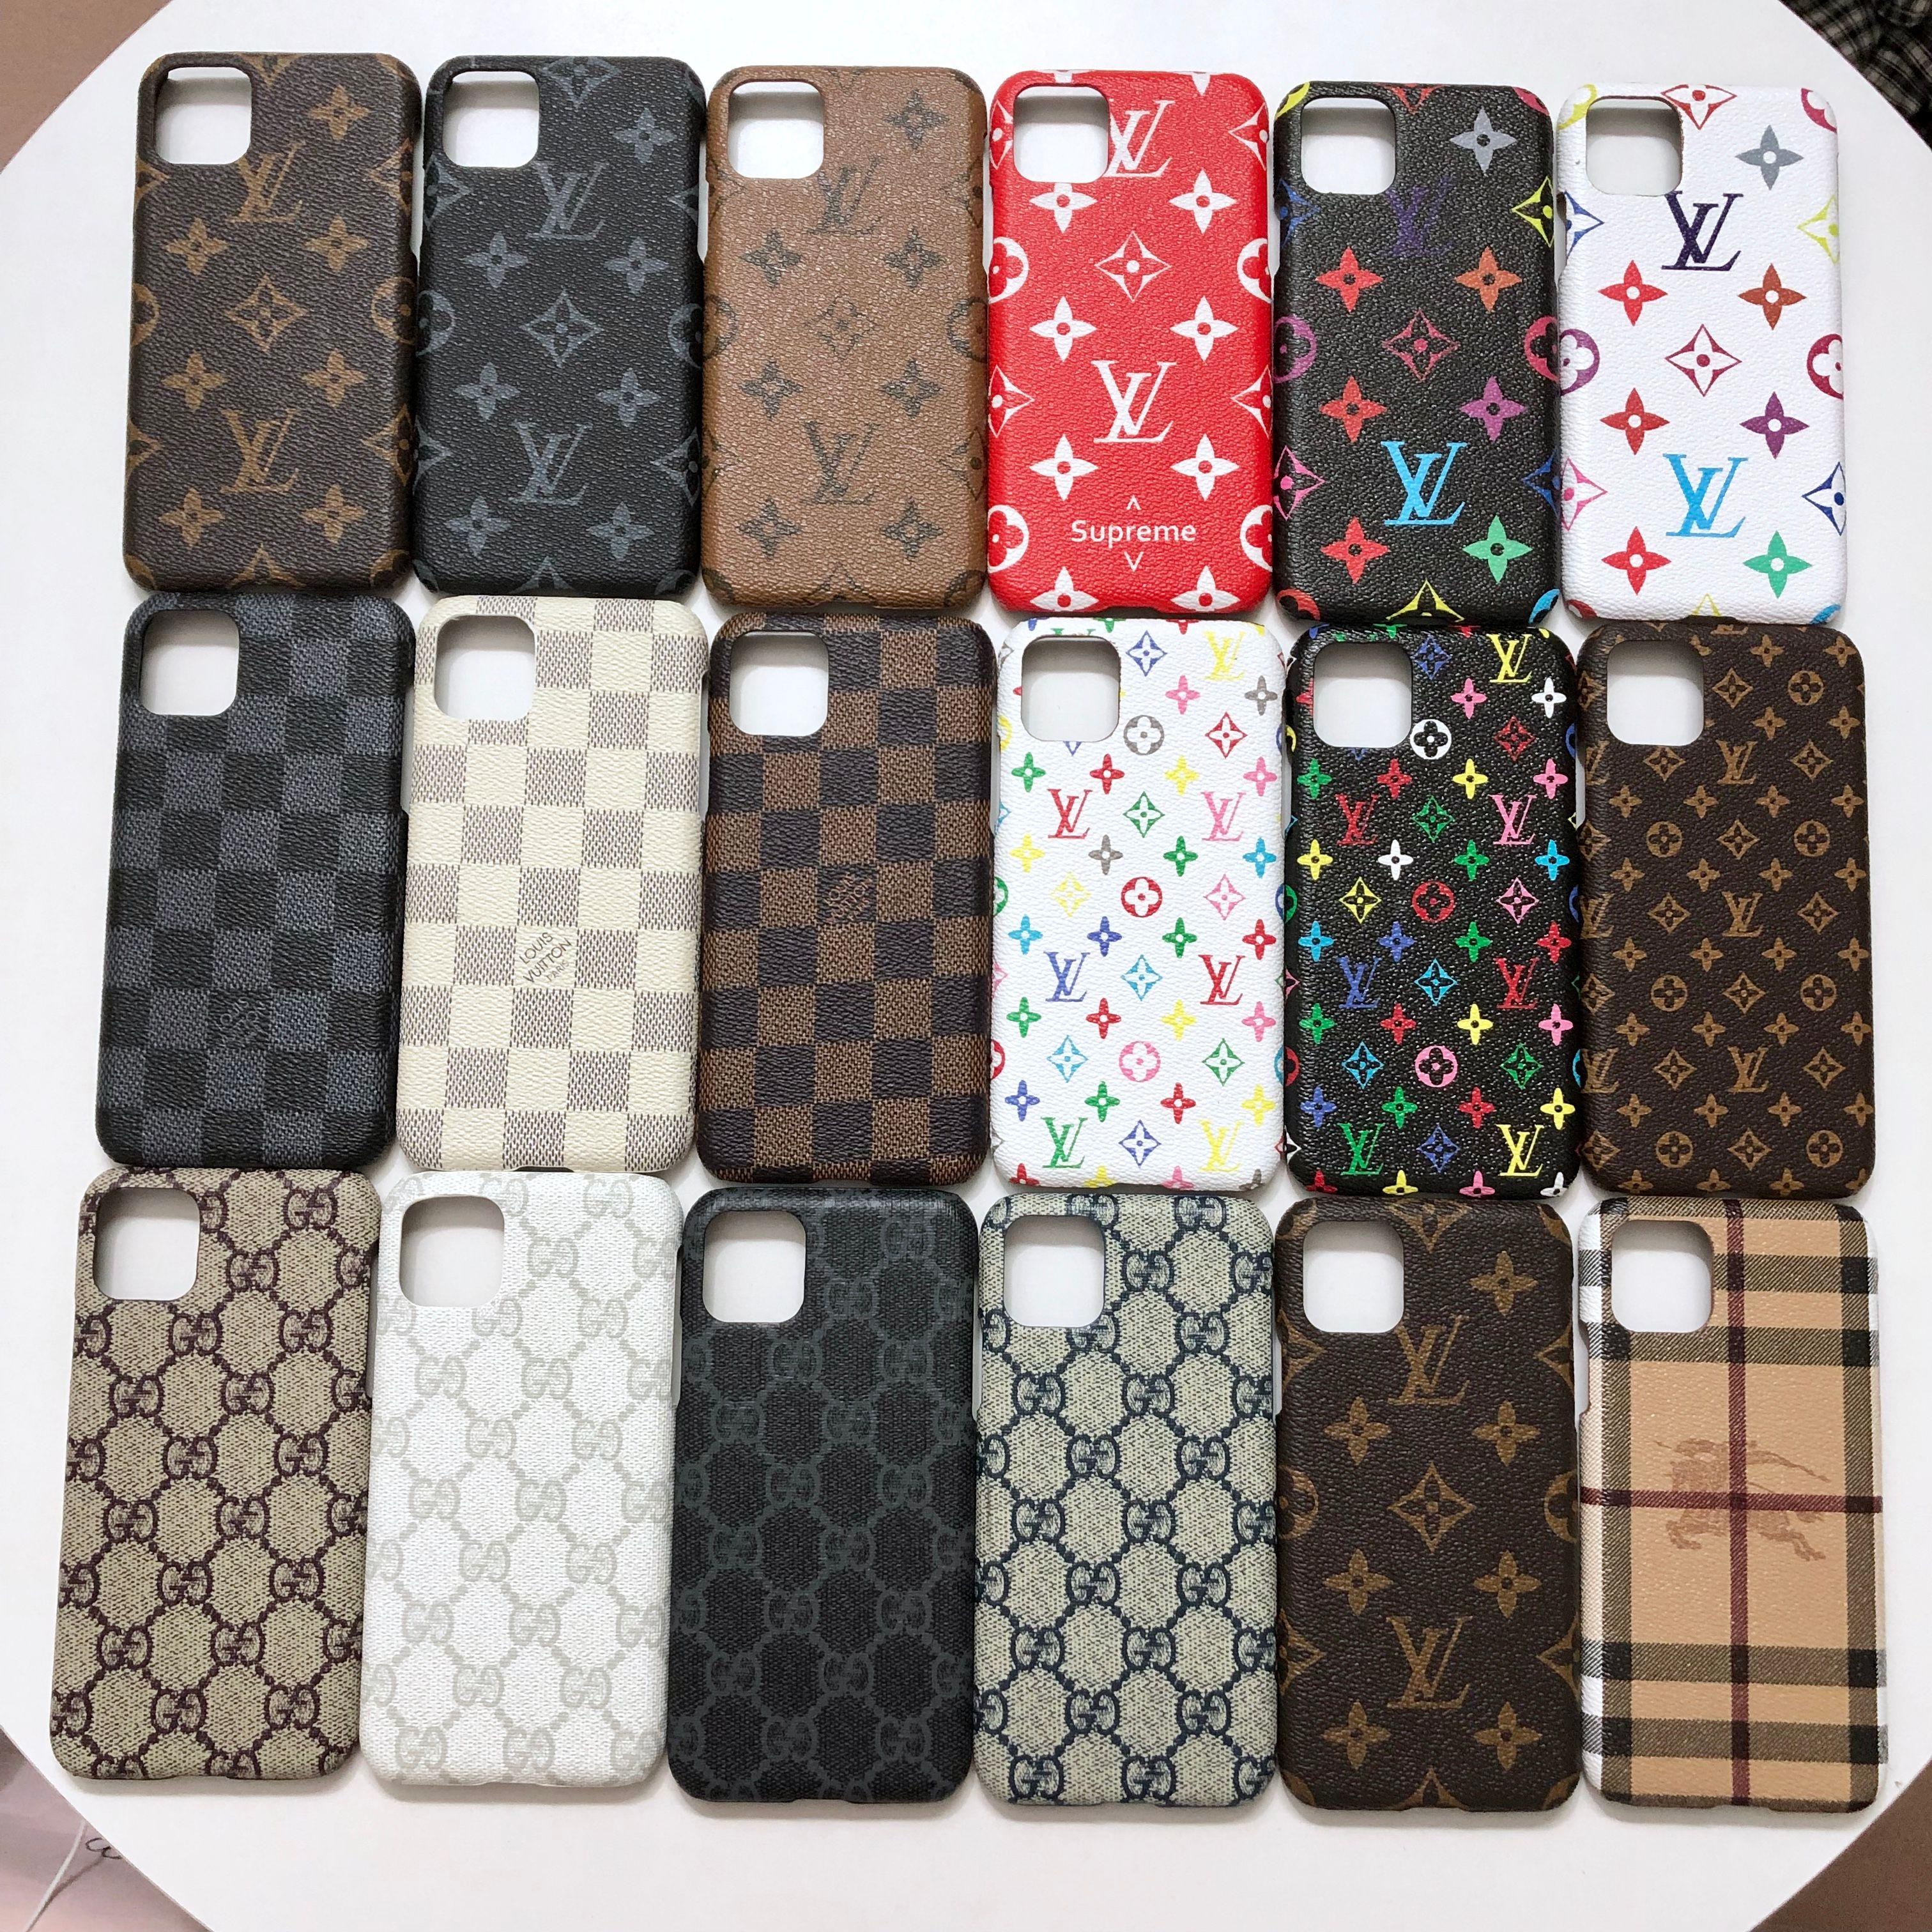 فاخر طباعة الغلاف حالة الهاتف لفون برو 11 11Pro X XS MAX XR 8 8Plus 7 7Plus 6 6S زائد القضية لسامسونج S20 S10 S9 S8 ملاحظة 10 9 8